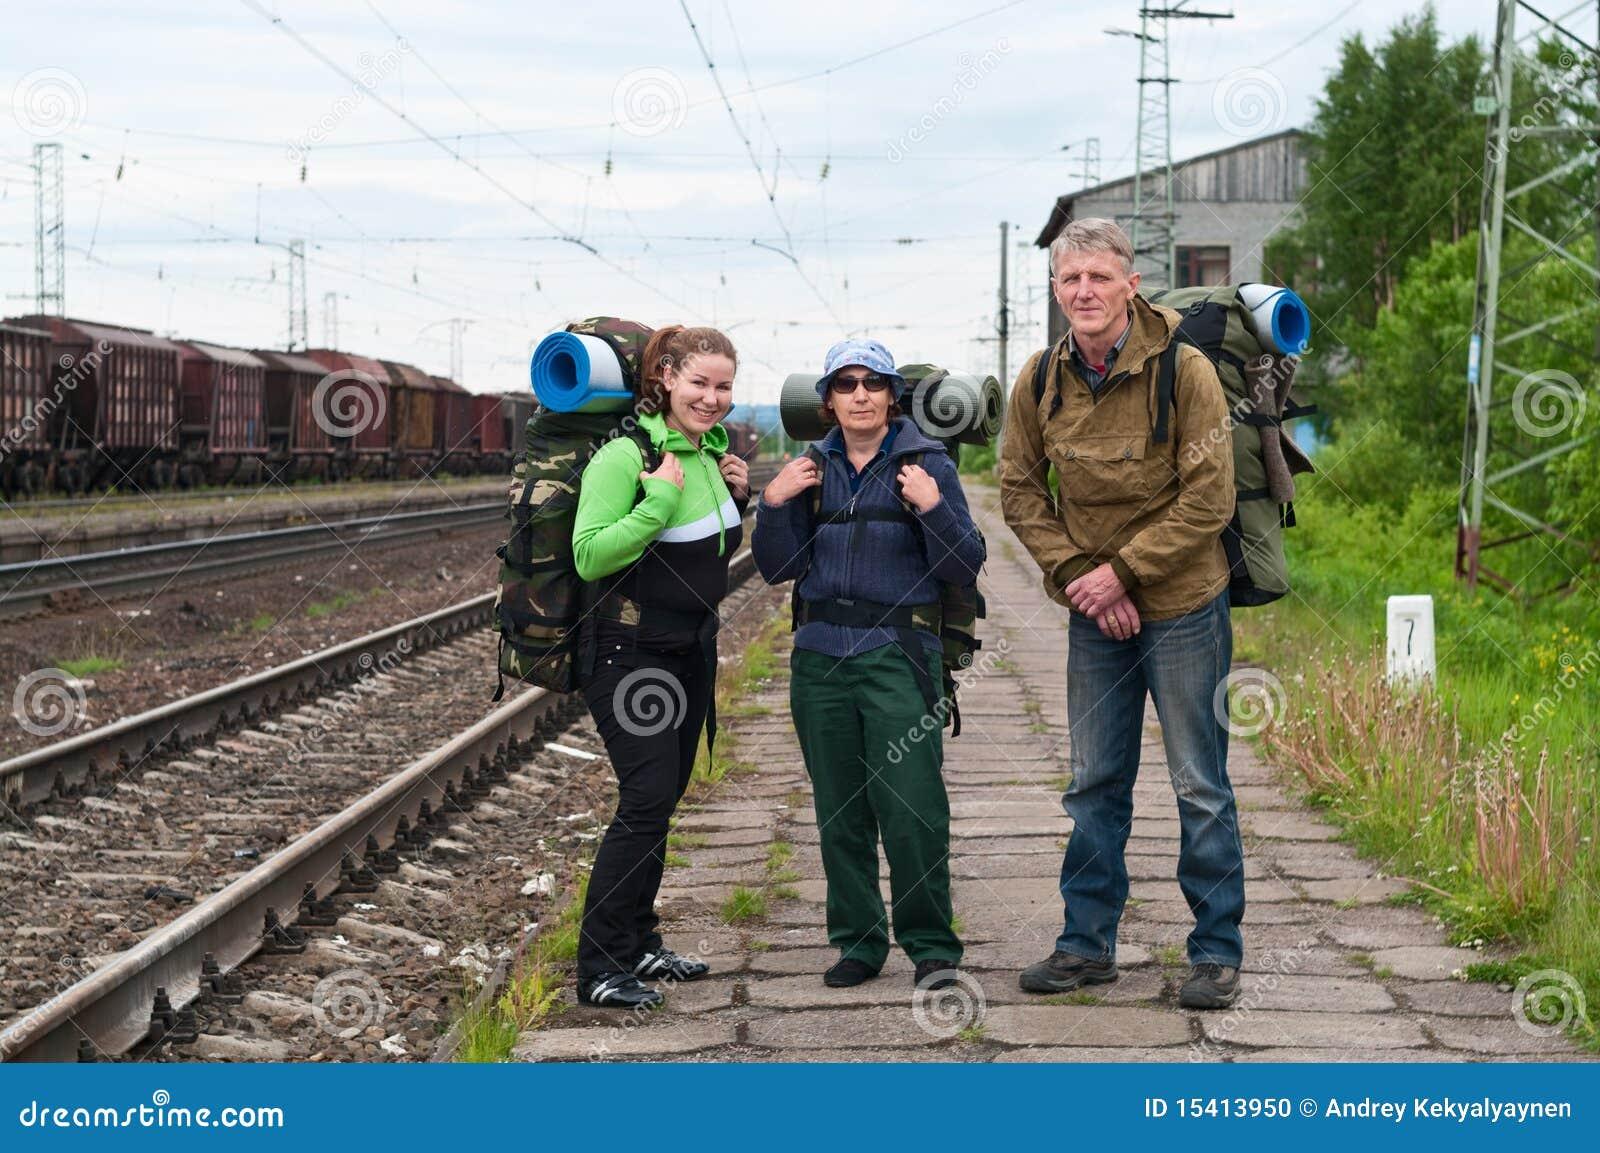 Best Adult Traveling Knapsack